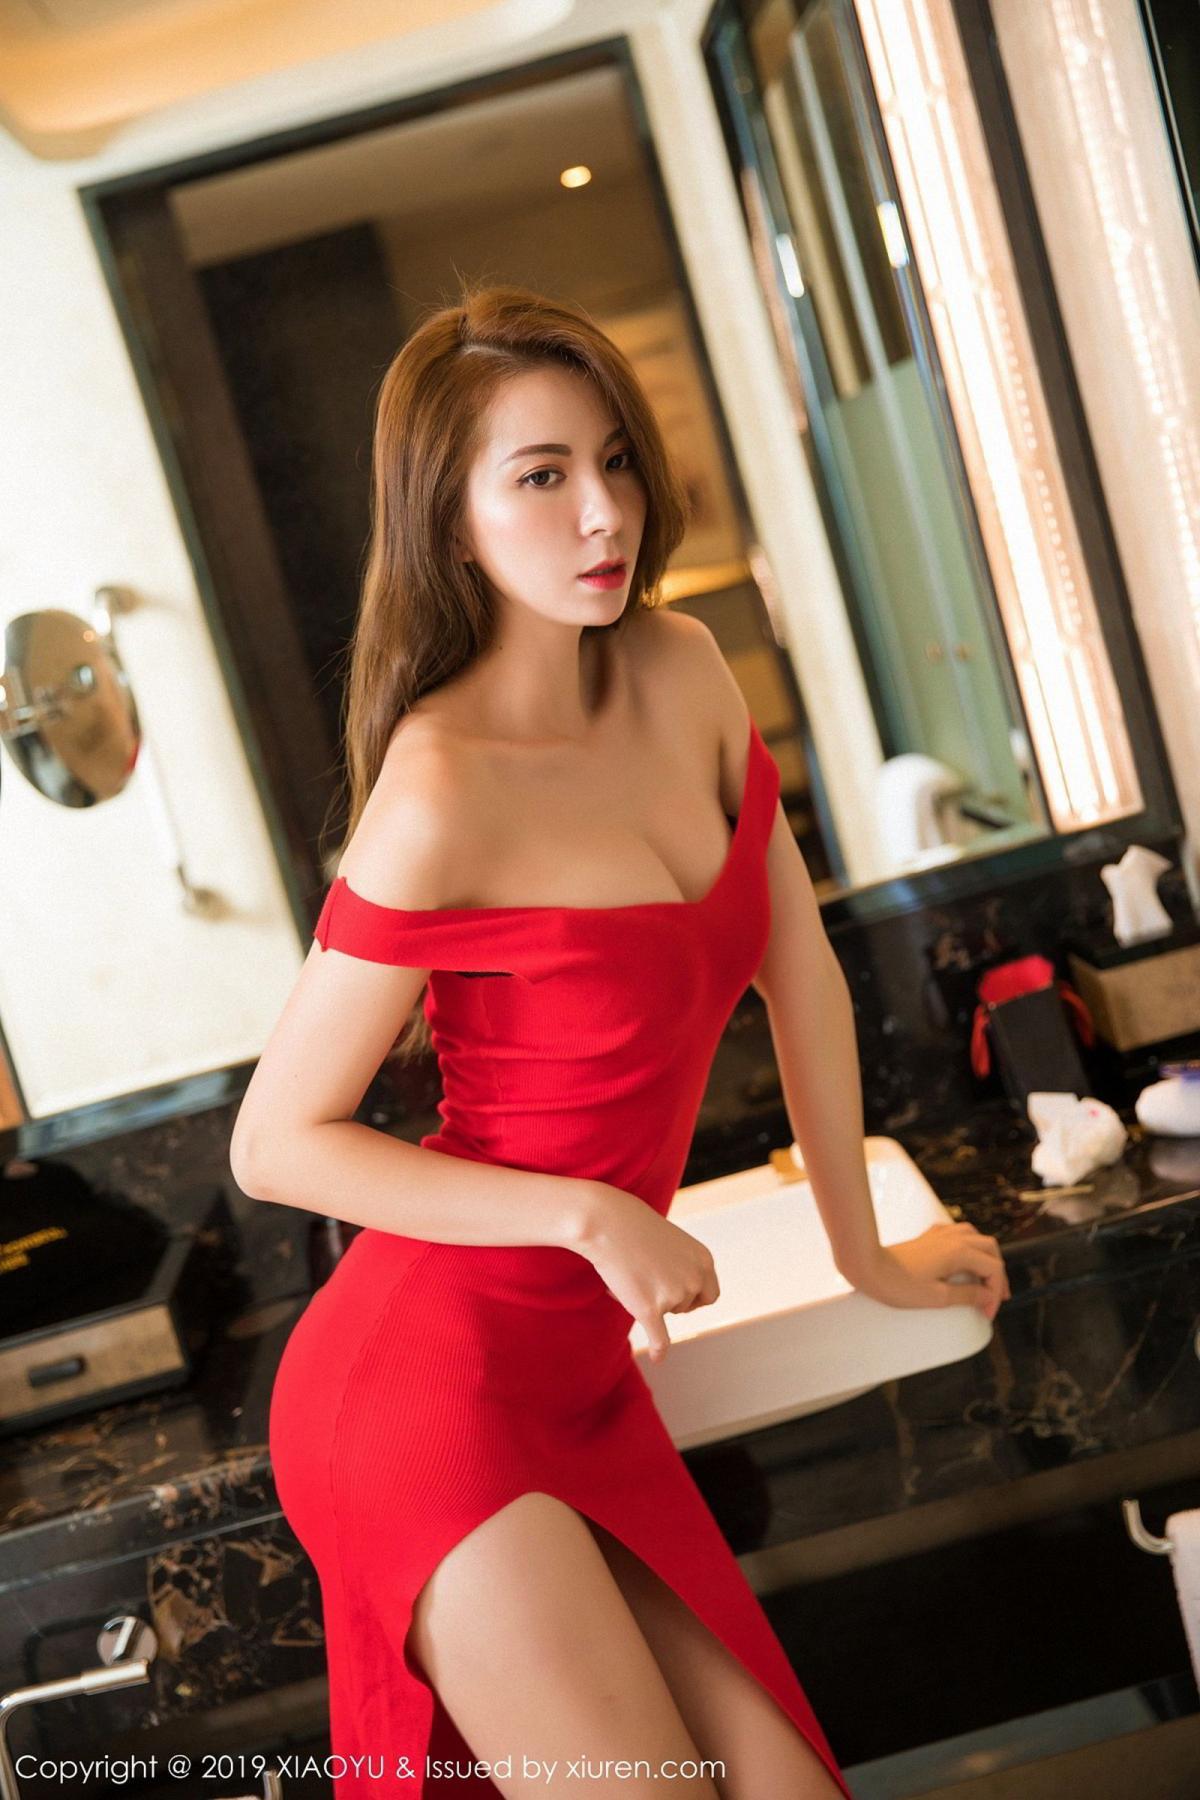 [XiaoYu] Vol.033 Chen Liang Ling 3P, Chen Liang Ling, Tall, Underwear, XiaoYu